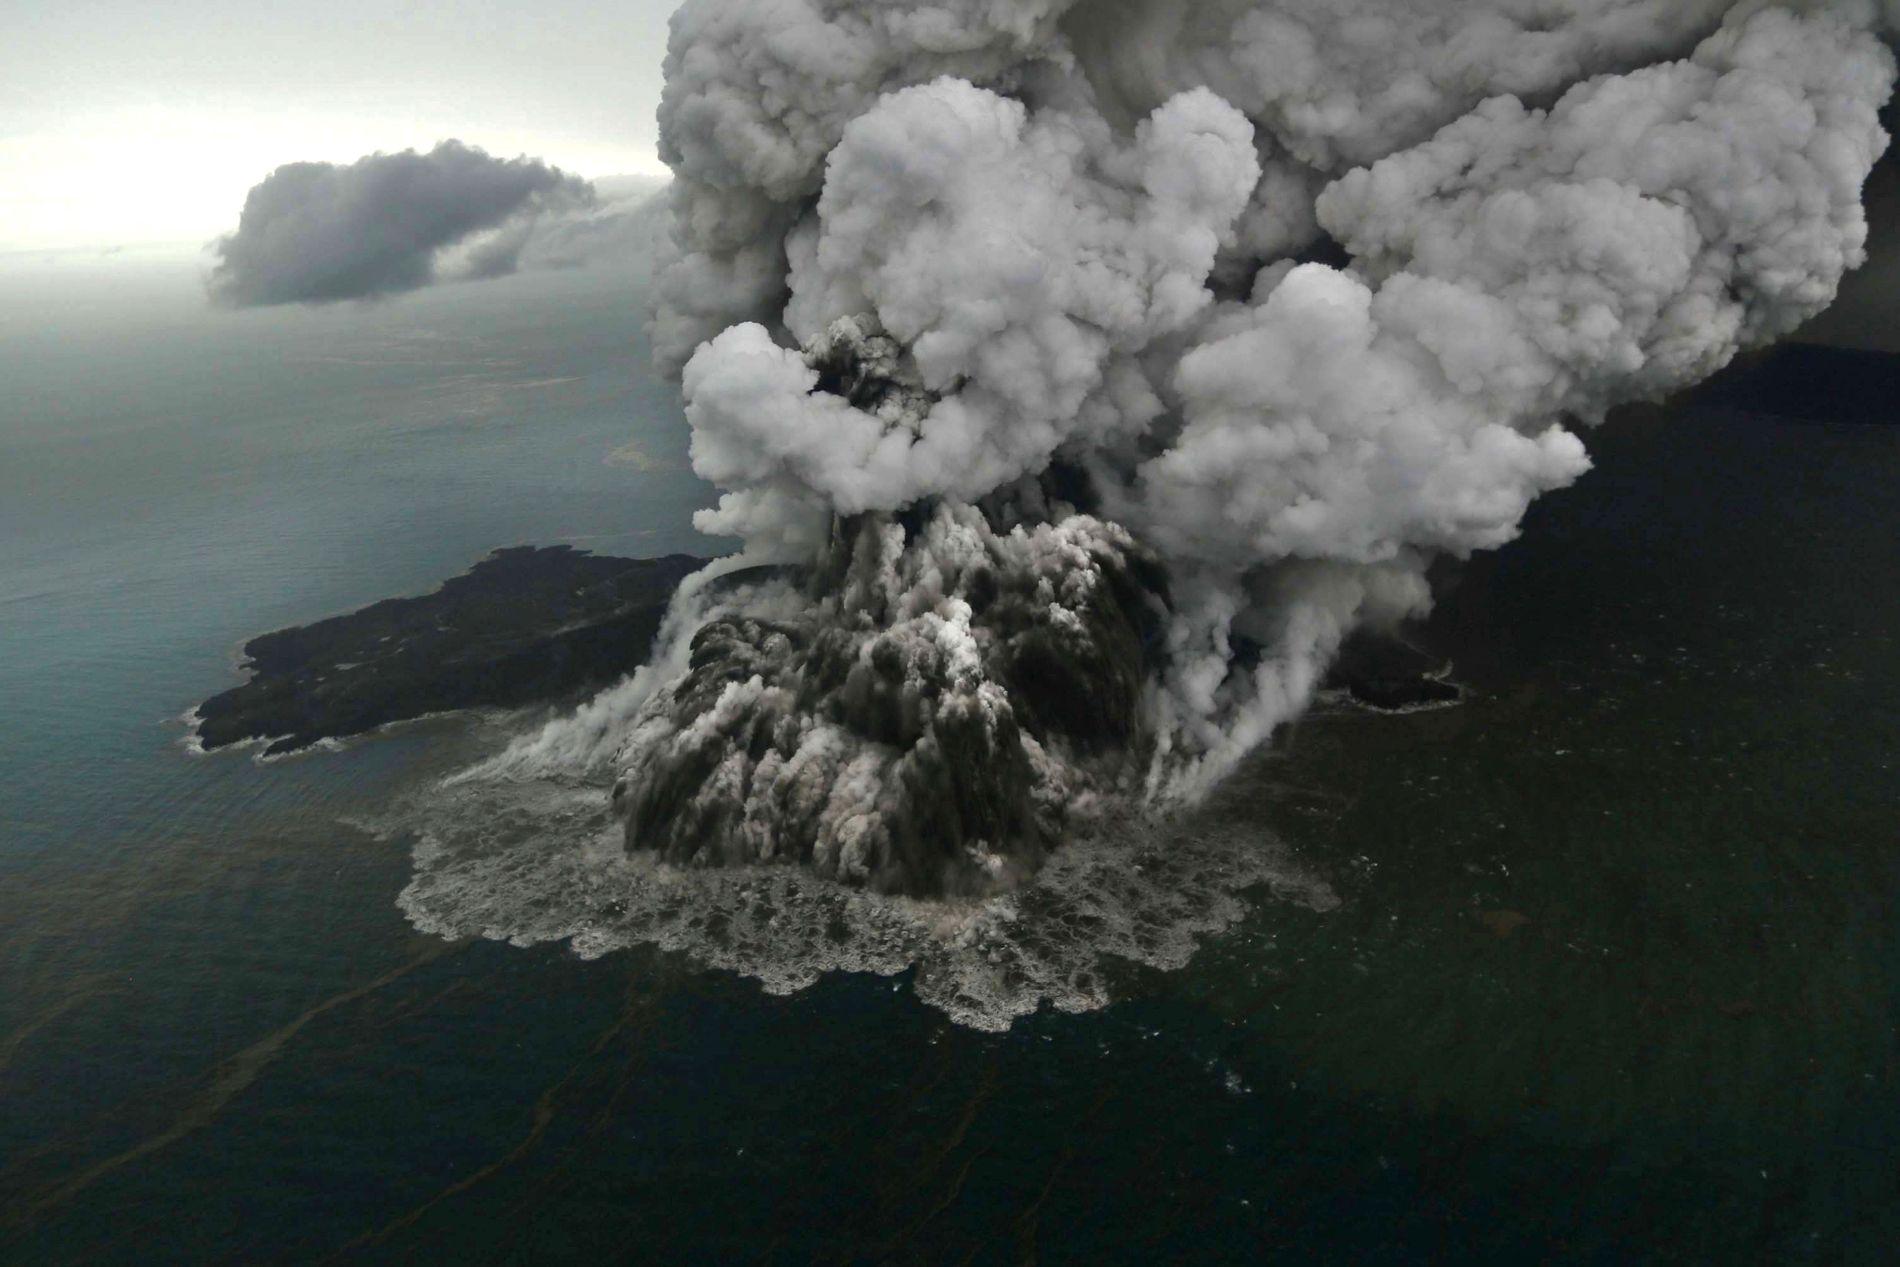 UTBRUDD: Vulkanen Anak Krakatau hadde utbrudd en drøy halvtime før tsunamien traff kysten 22. desember. Vulkanen ligger i Sundastredet, mellom de indonesiske øyene Java og Sumatra. Dette bildet er tatt 23. desember.